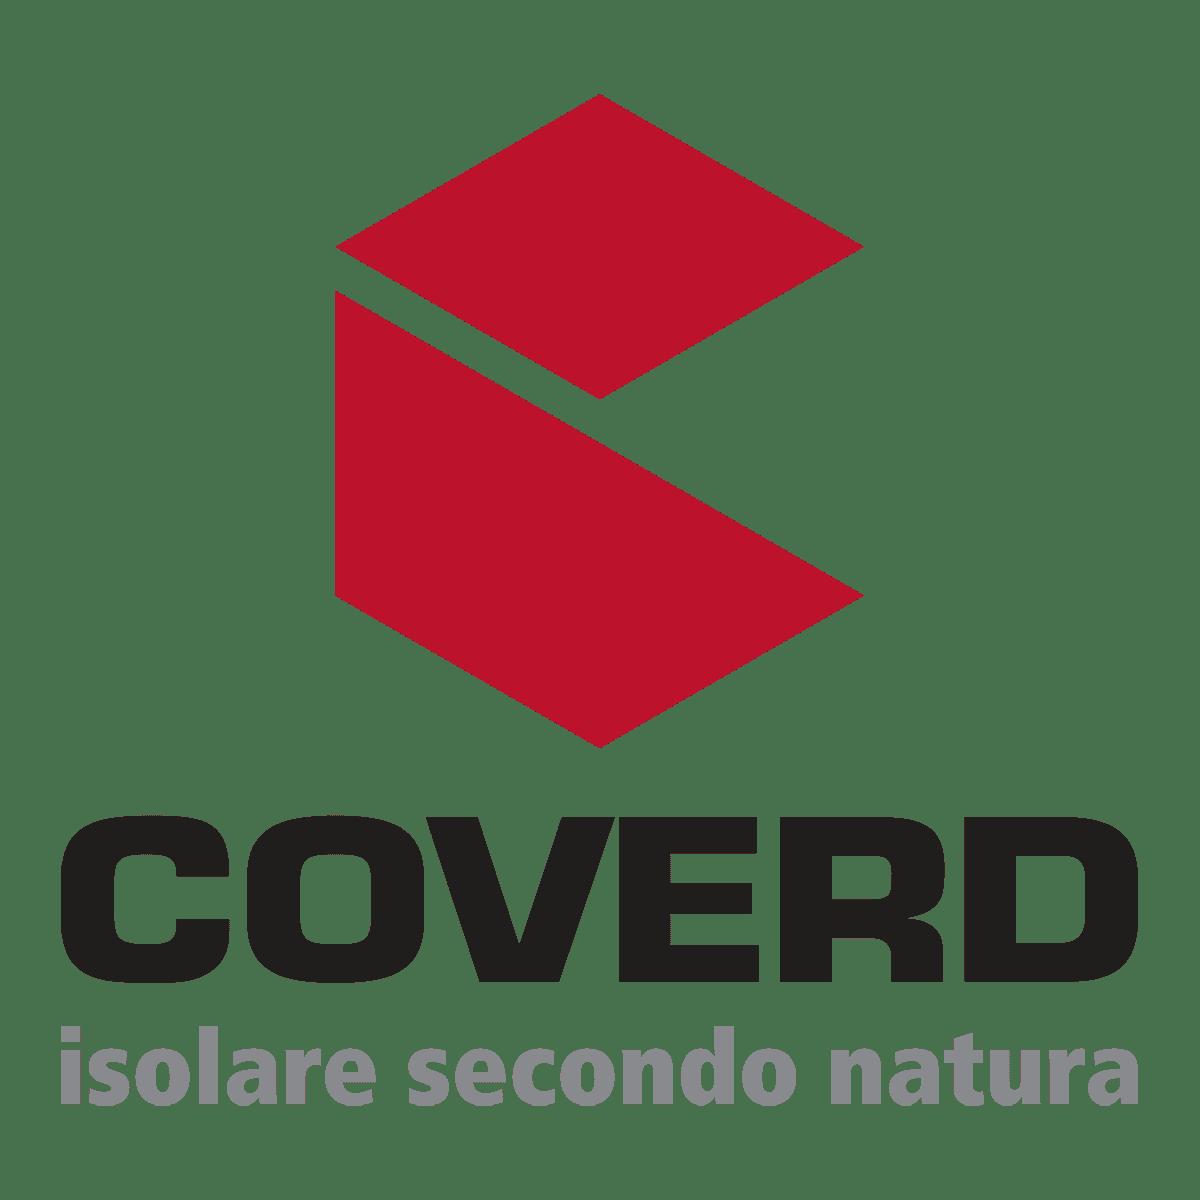 Coverd isolare secondo natura